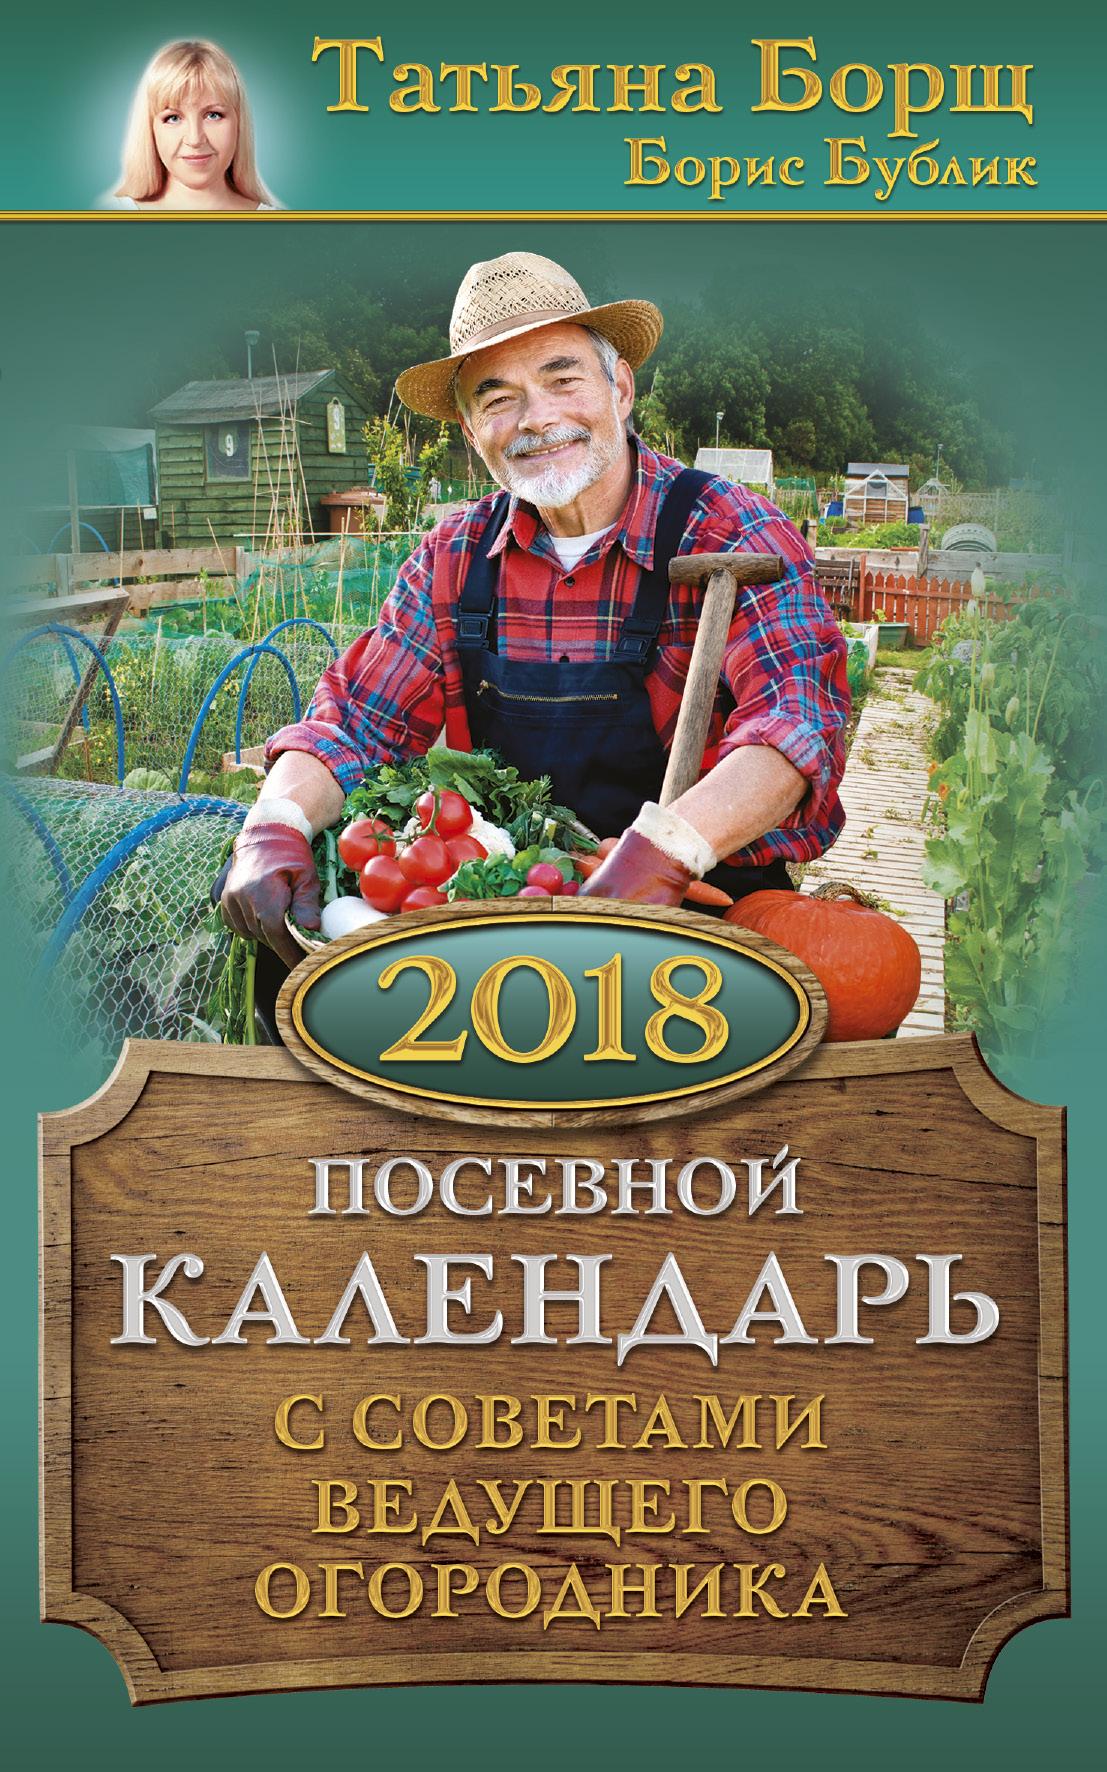 Борщ Т., Бублик Б.А. Посевной календарь 2018 с советами ведущего огородника